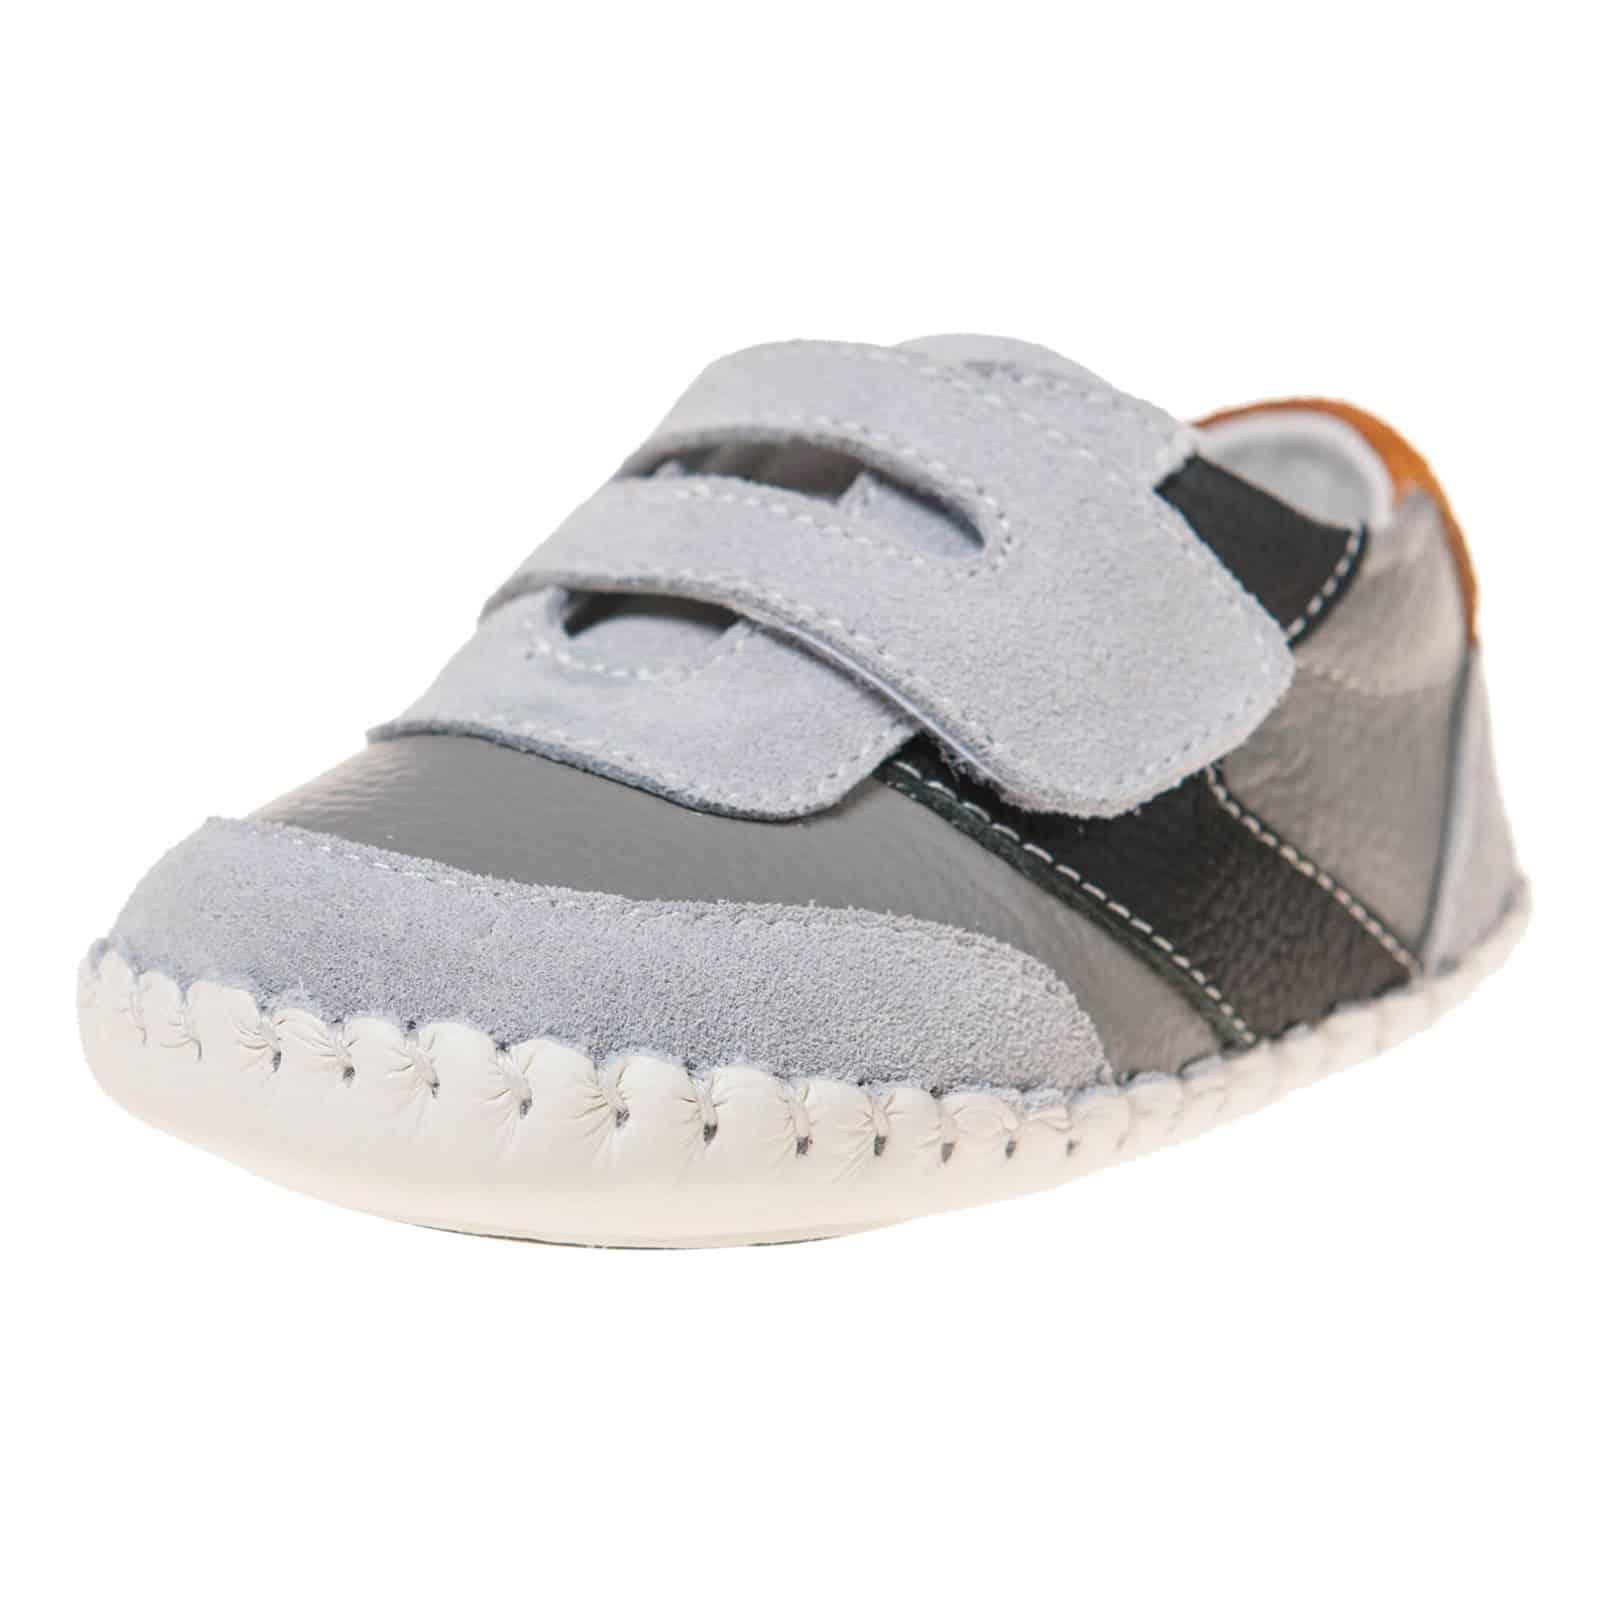 9106142551833 Little Blue Lamb - Chaussures premiers pas bébé en cuir souple ...